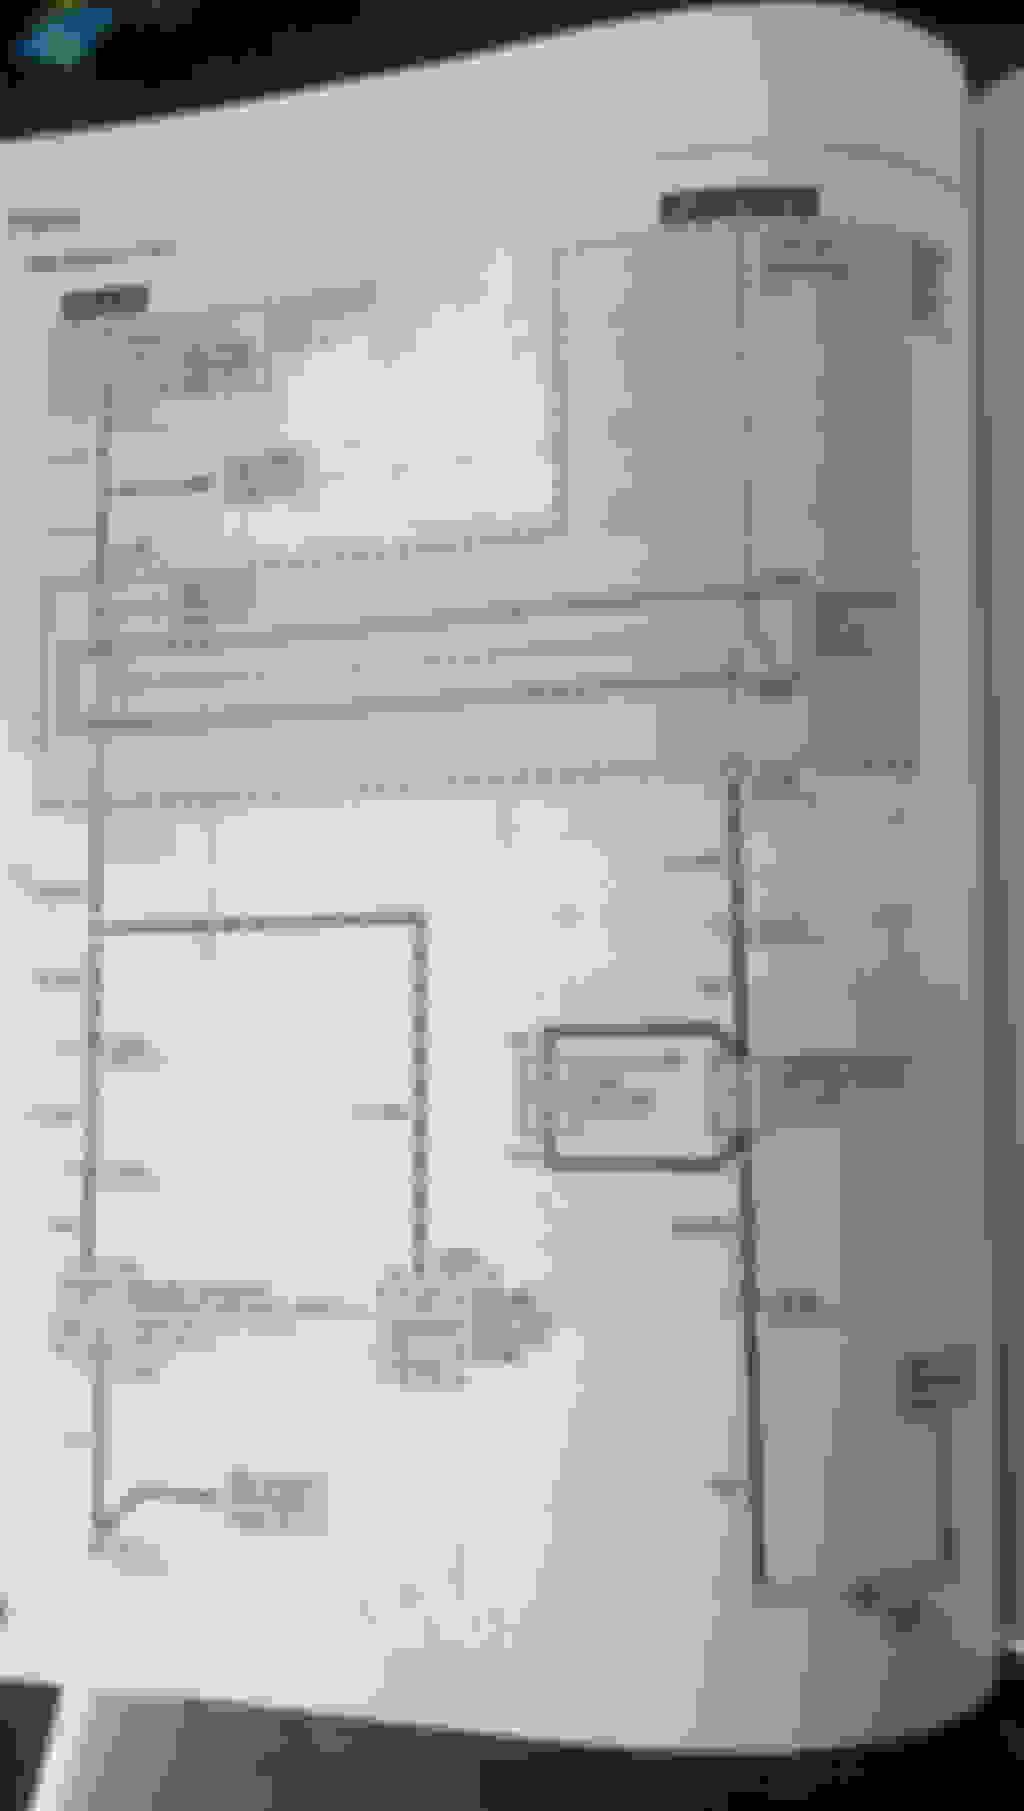 Spark Plug Wire Diagram Please Help Hondatech